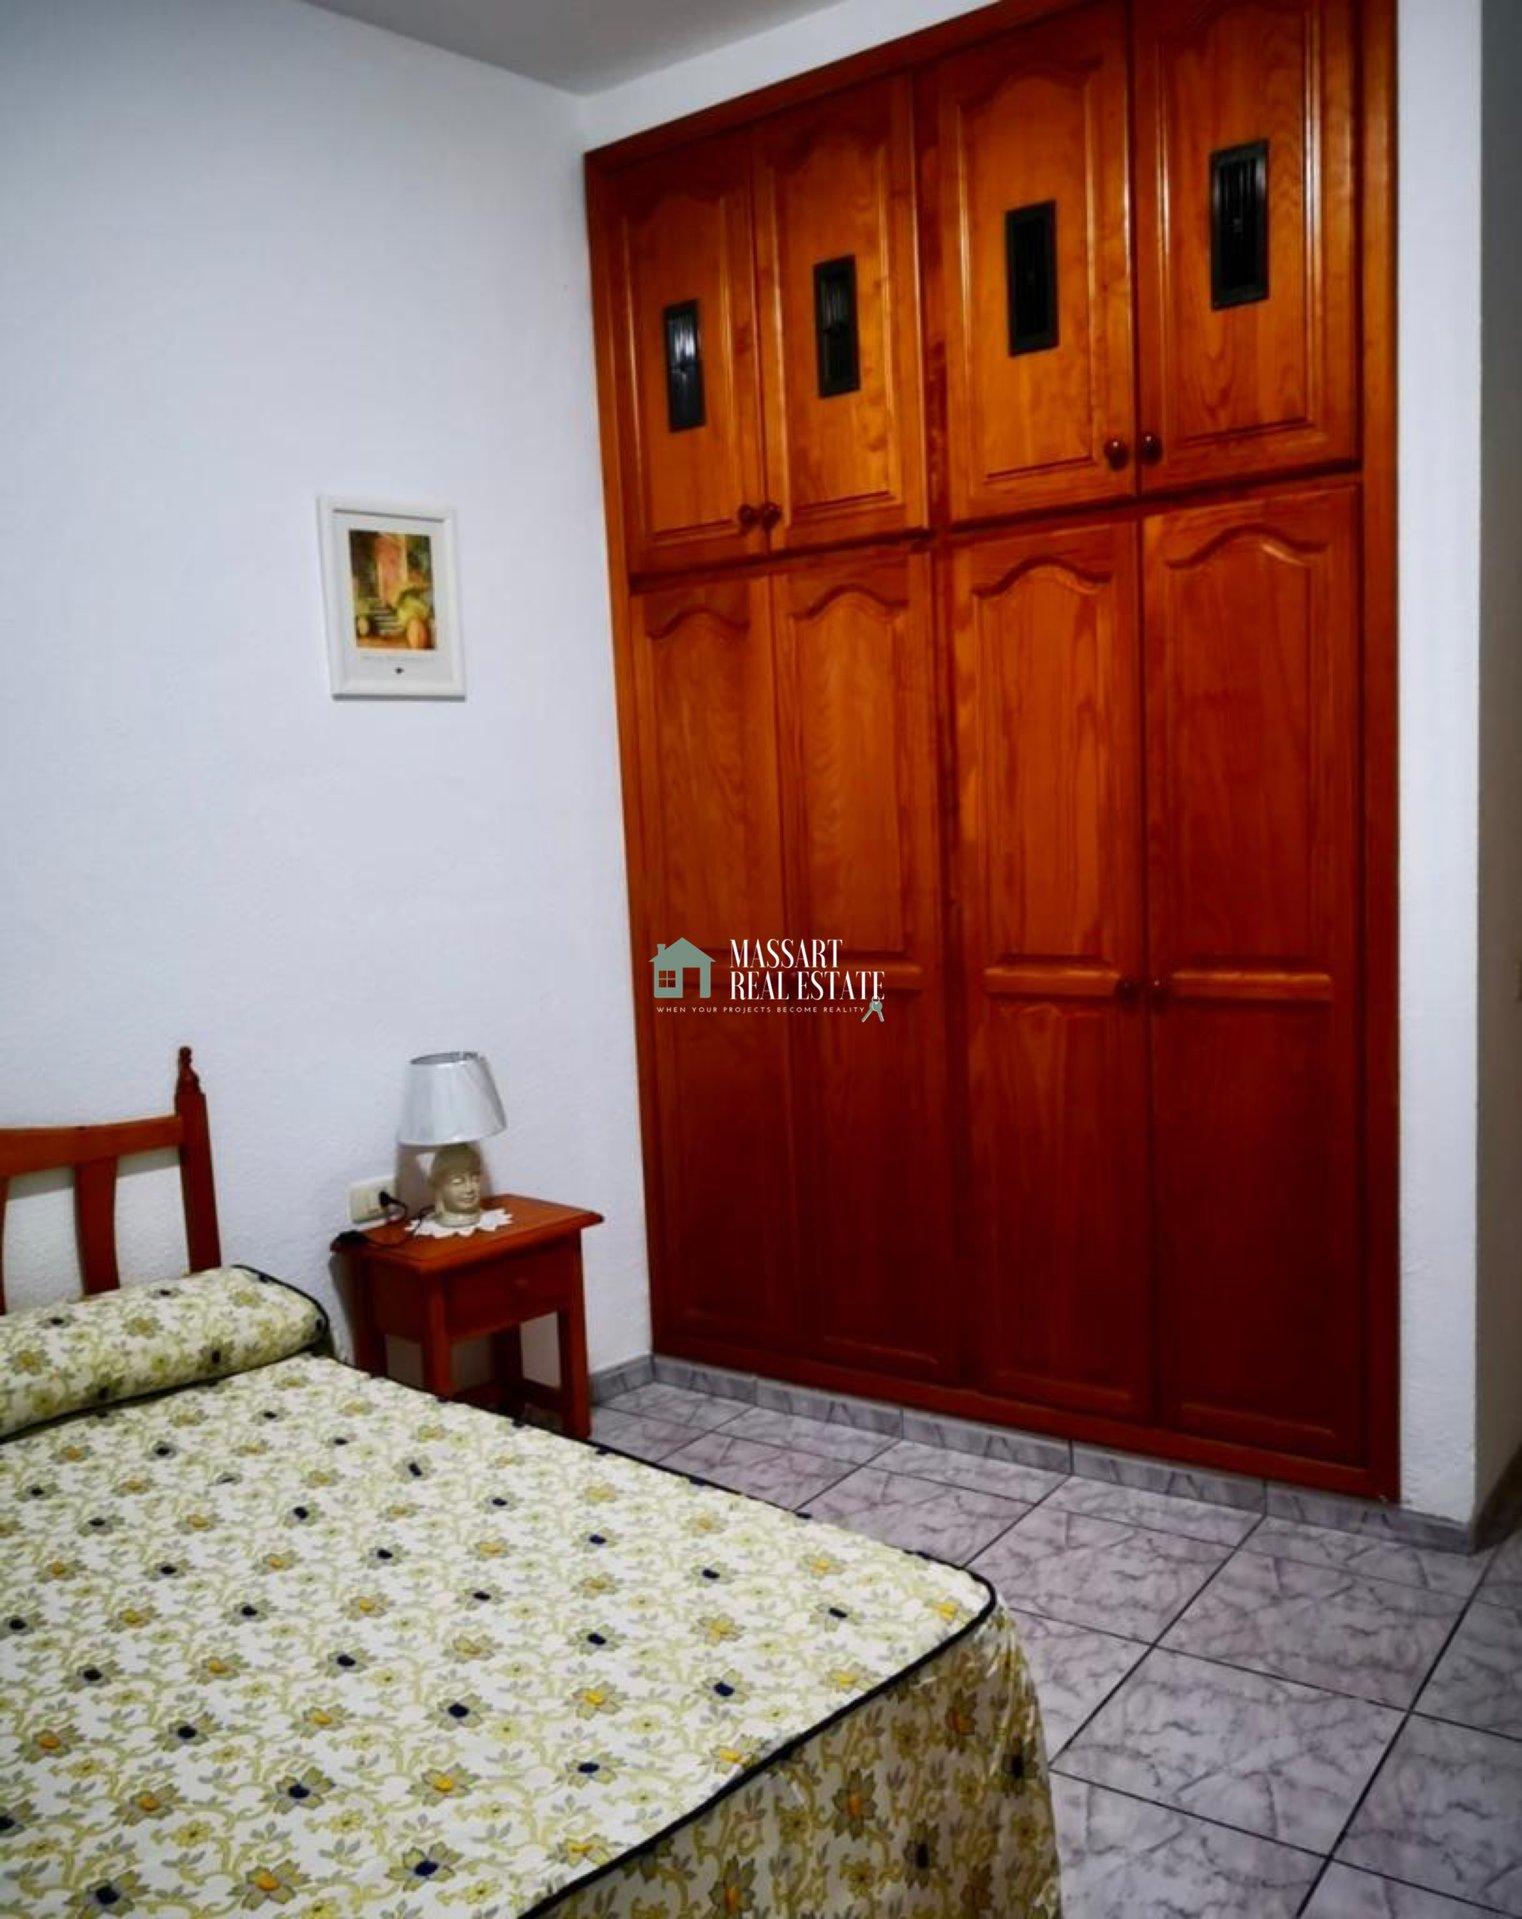 Zu vermieten in Los Menores, einer voll möblierten 70 m2 großen Wohnung im Erdgeschoss, in einem zentralen Bereich der absoluten Ruhe.